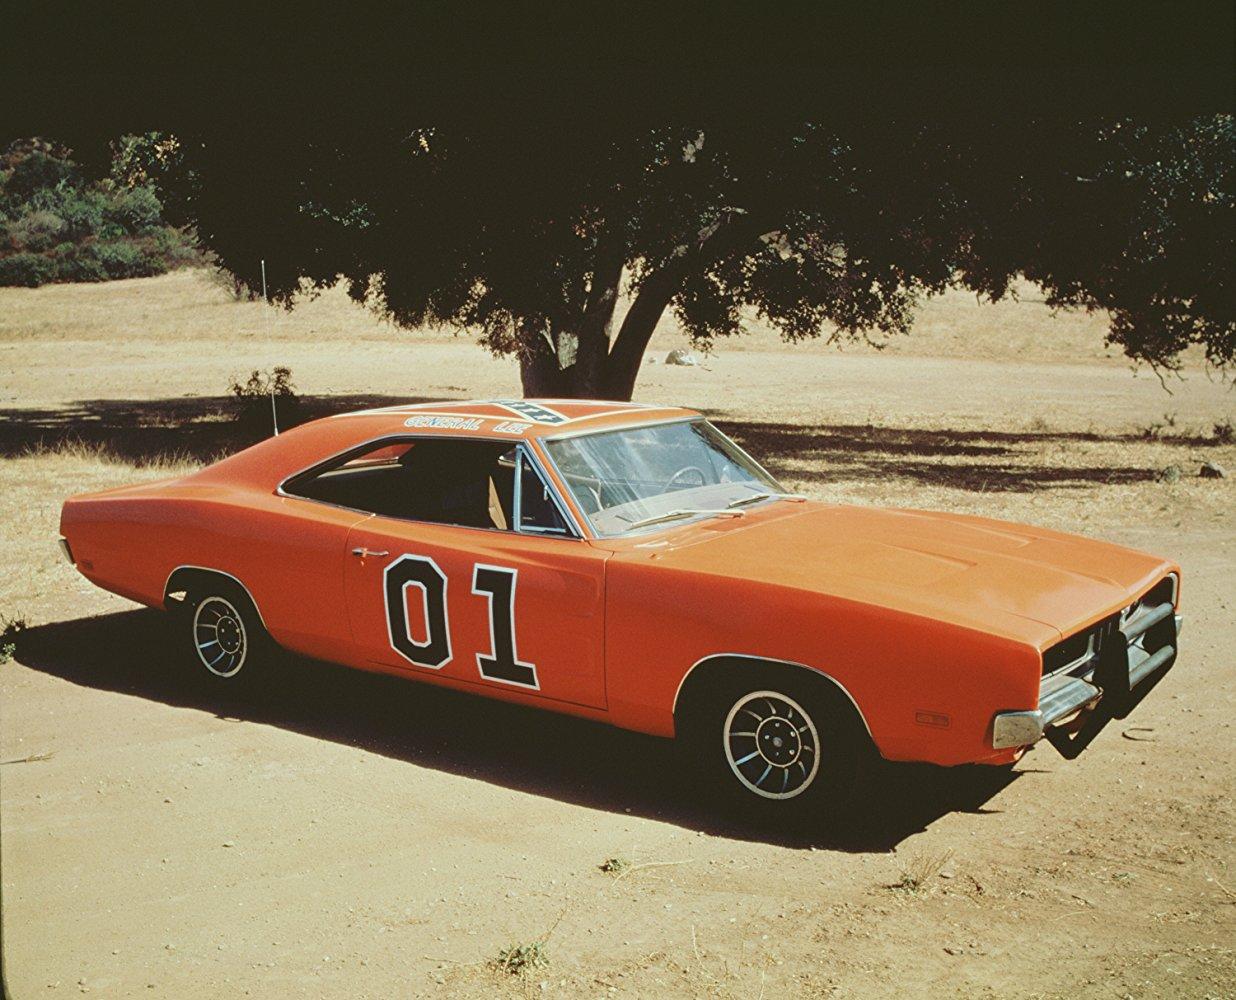 Dodge Charger R/T. Ισως το γνωστότερο αυτοκίνητο που έχουμε δει στον Κινηματογράφο και την Τηλεόραση, η πορτοκαλί Dodge Charger του 1969, ο γνωστός σε όλους μας «General Lee», πρωταγωνίστησε και στα 150 επεισόδια της σειράς, όπως και στην κινηματογραφική ταινία του 2005. Συνολικά, πάνω από 300 πορτοκαλί Charger υπολογίζεται ότι χρησιμοποιήθηκαν στα 6 χρόνια του τηλεοπτικού σόου